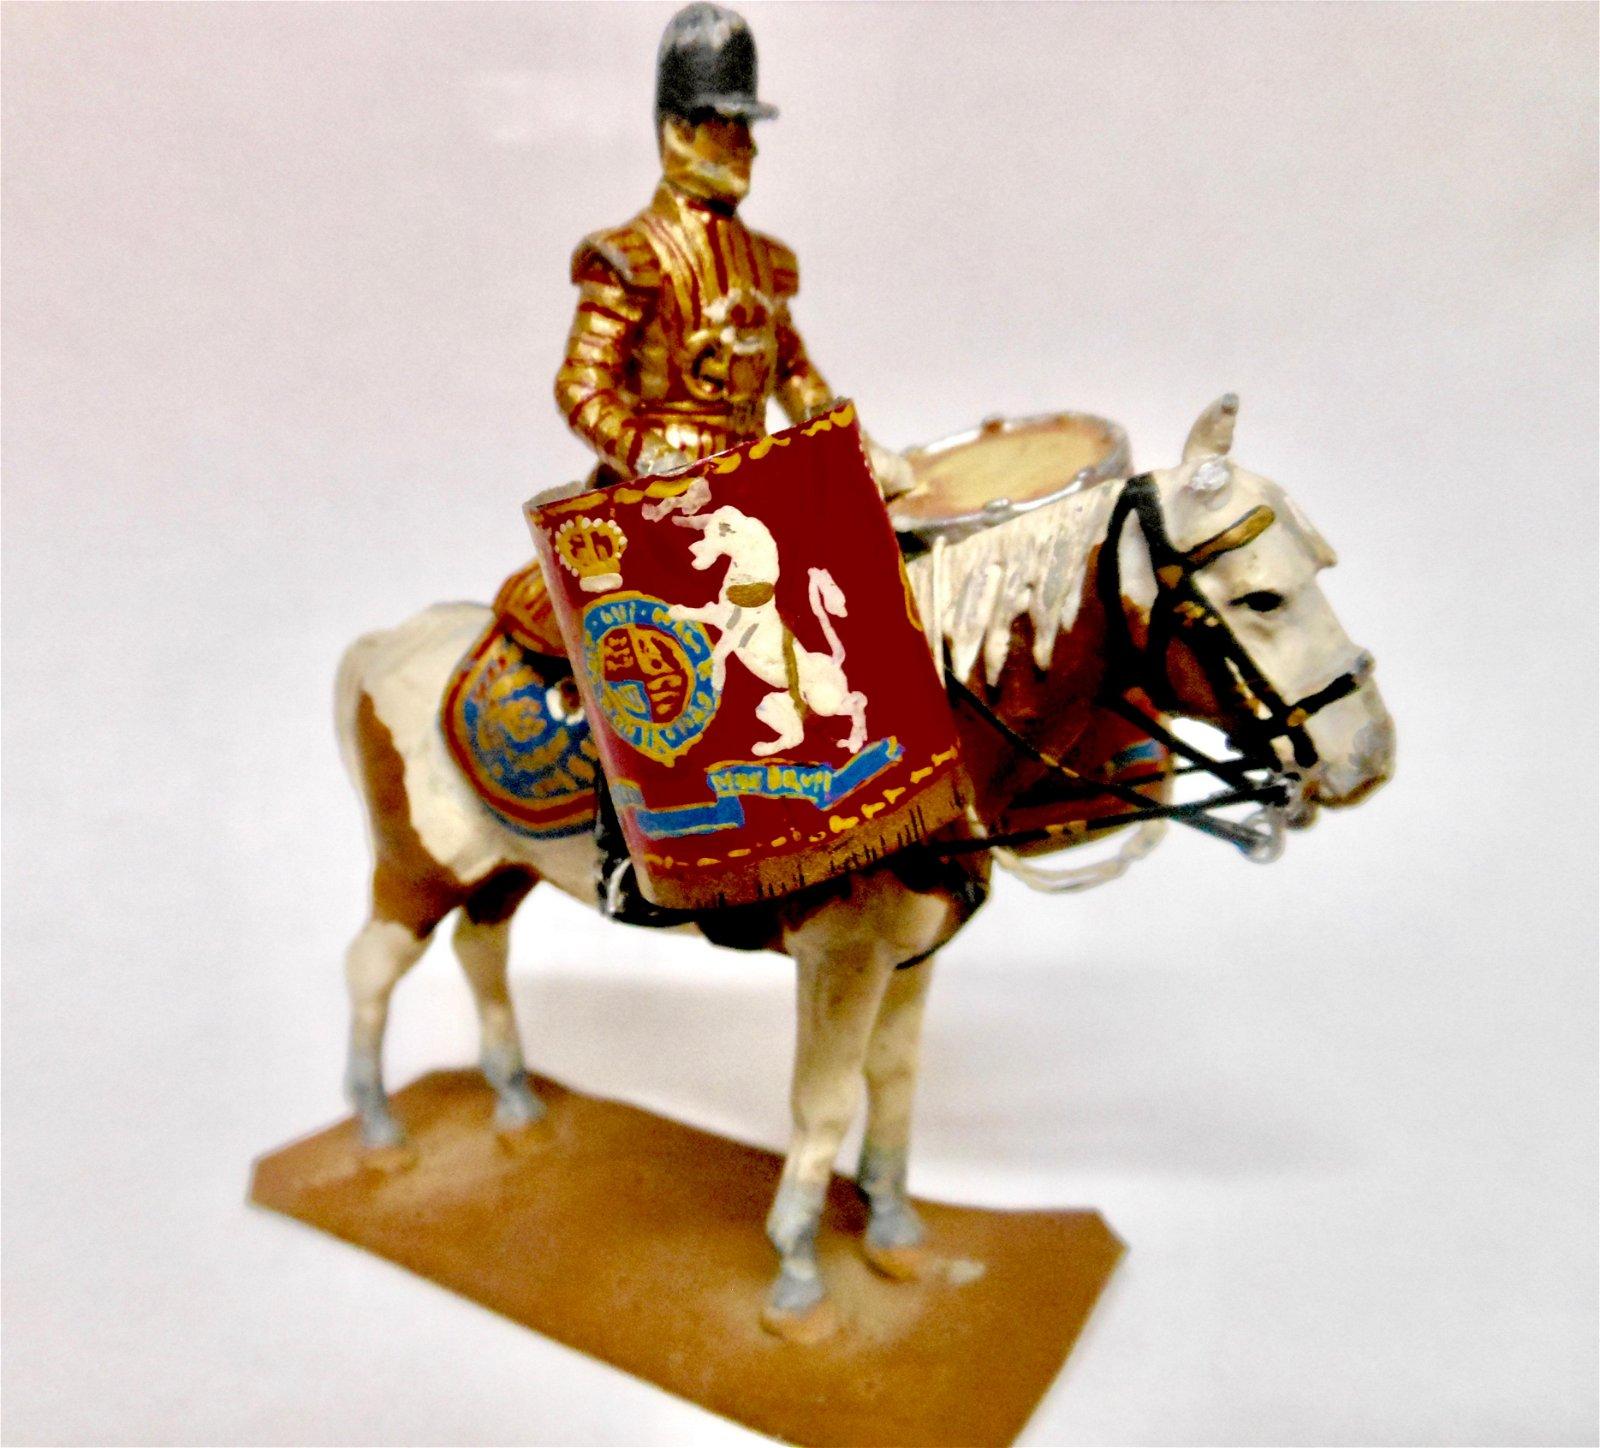 Stadden Household Cavalry Kettle Drummer